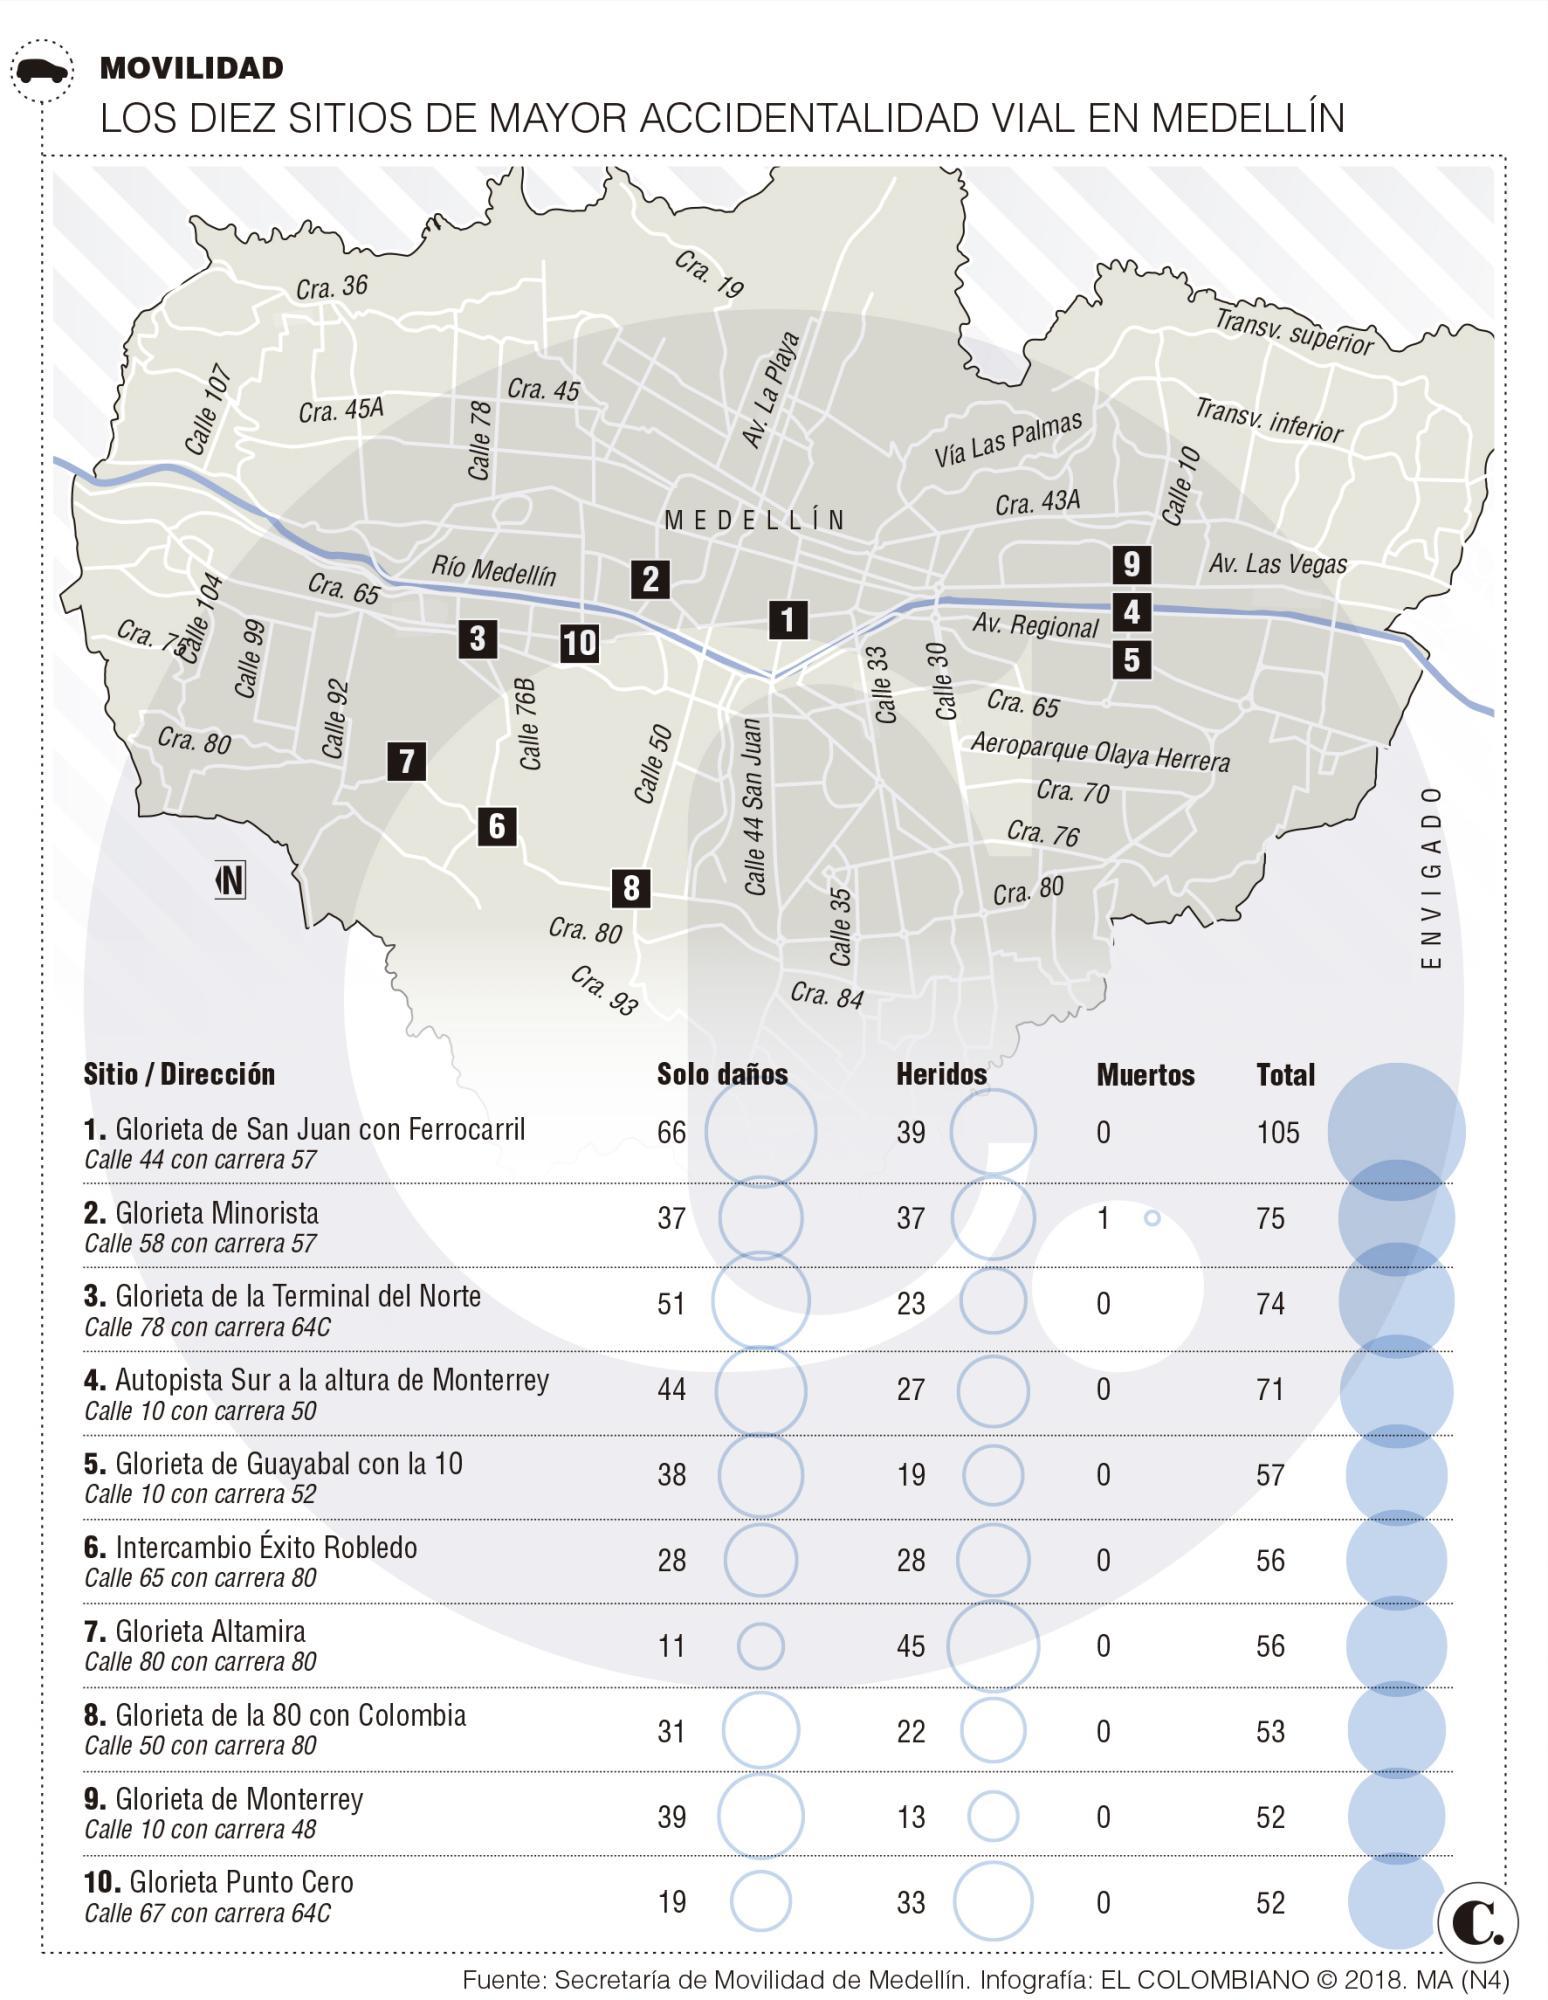 Puntos de mayor accidentalidad vial en Medellín